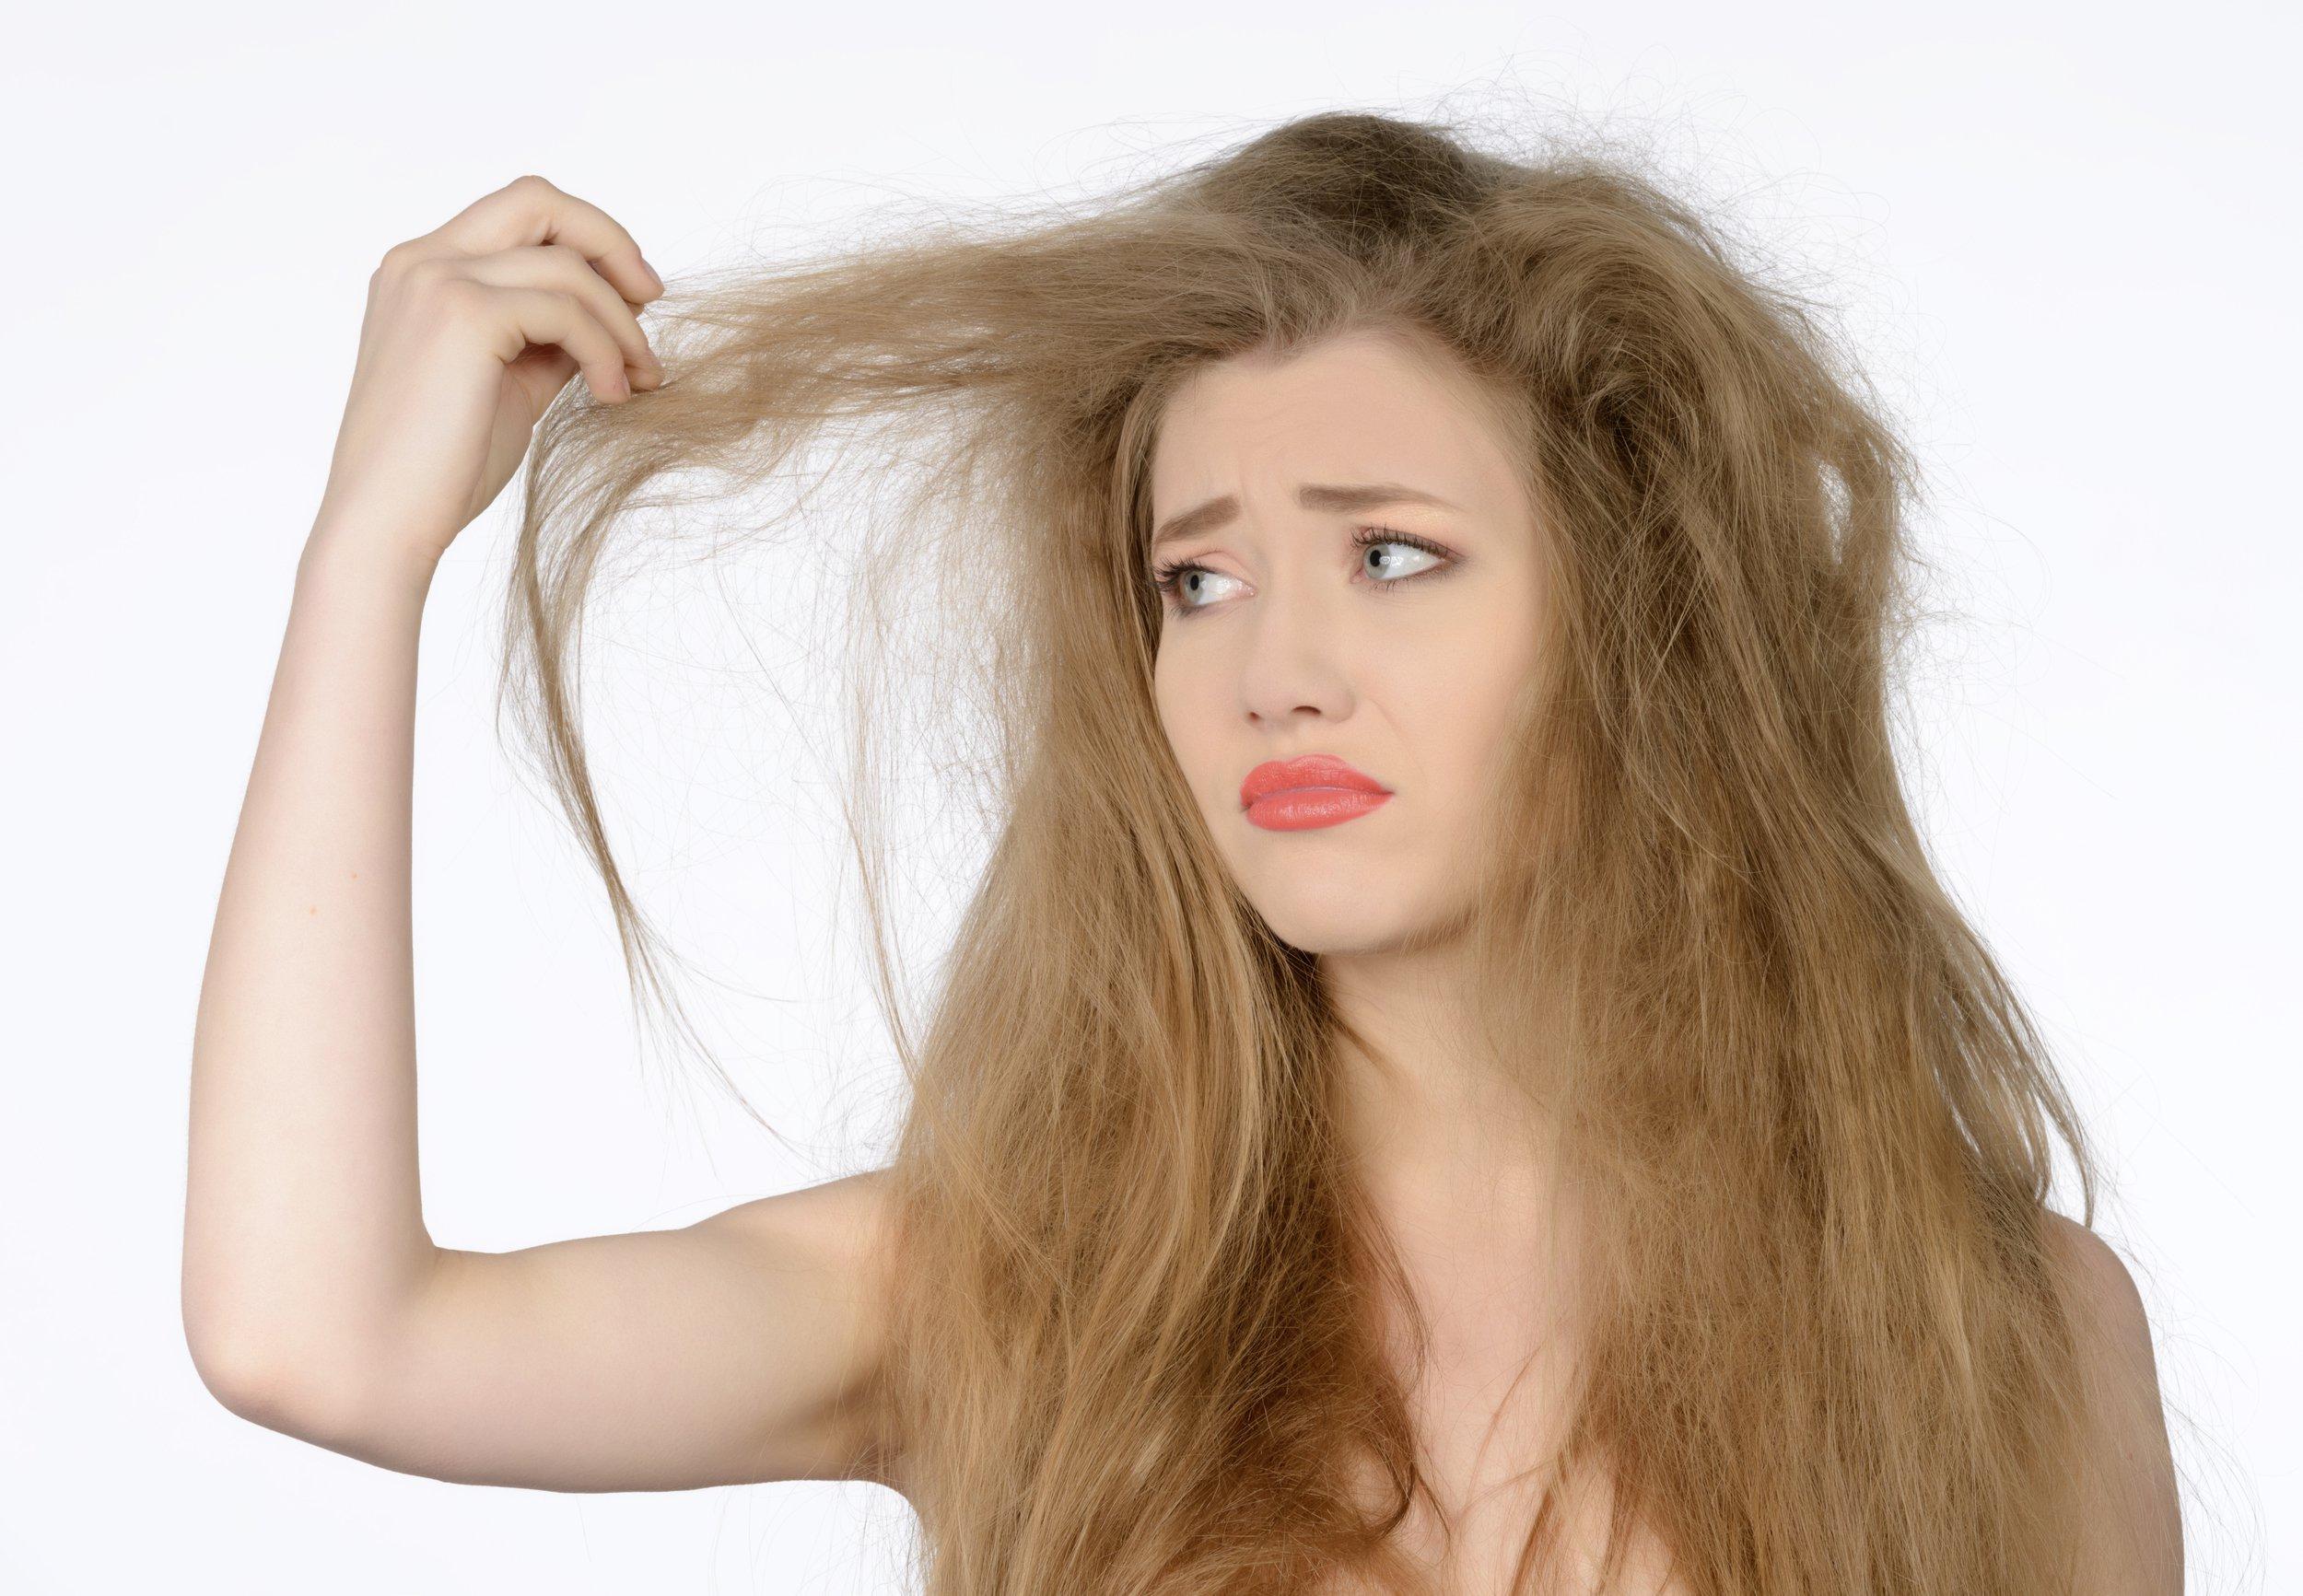 نکات آموزشی درمورد موهای خشک و پر استرس